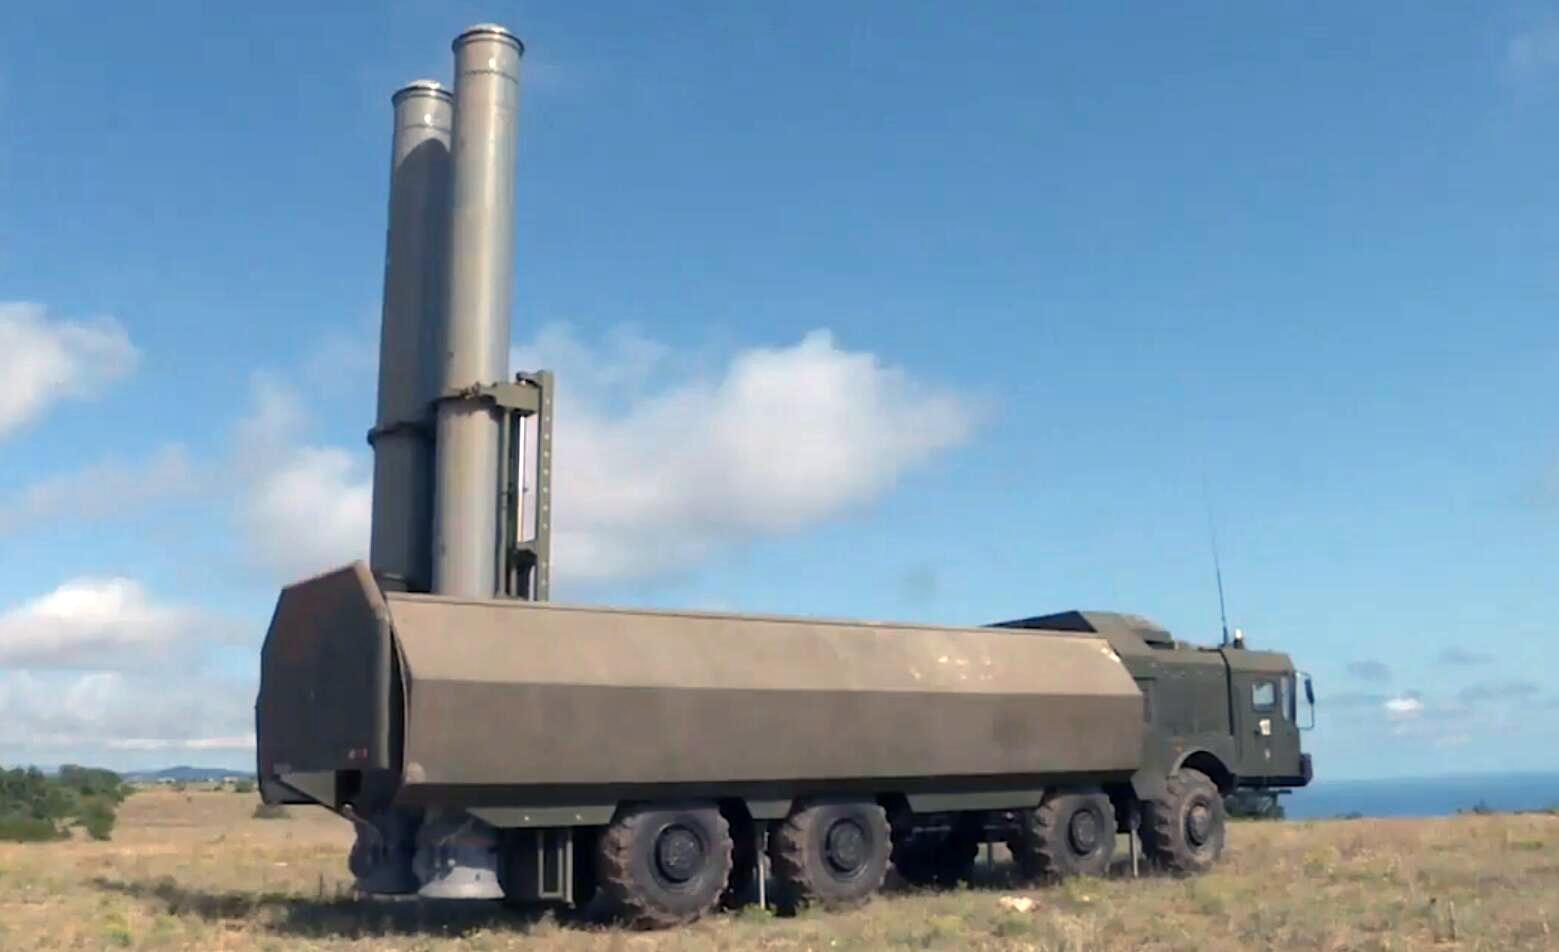 美国和乌克兰正在海上军演 俄军在边上竖起导弹